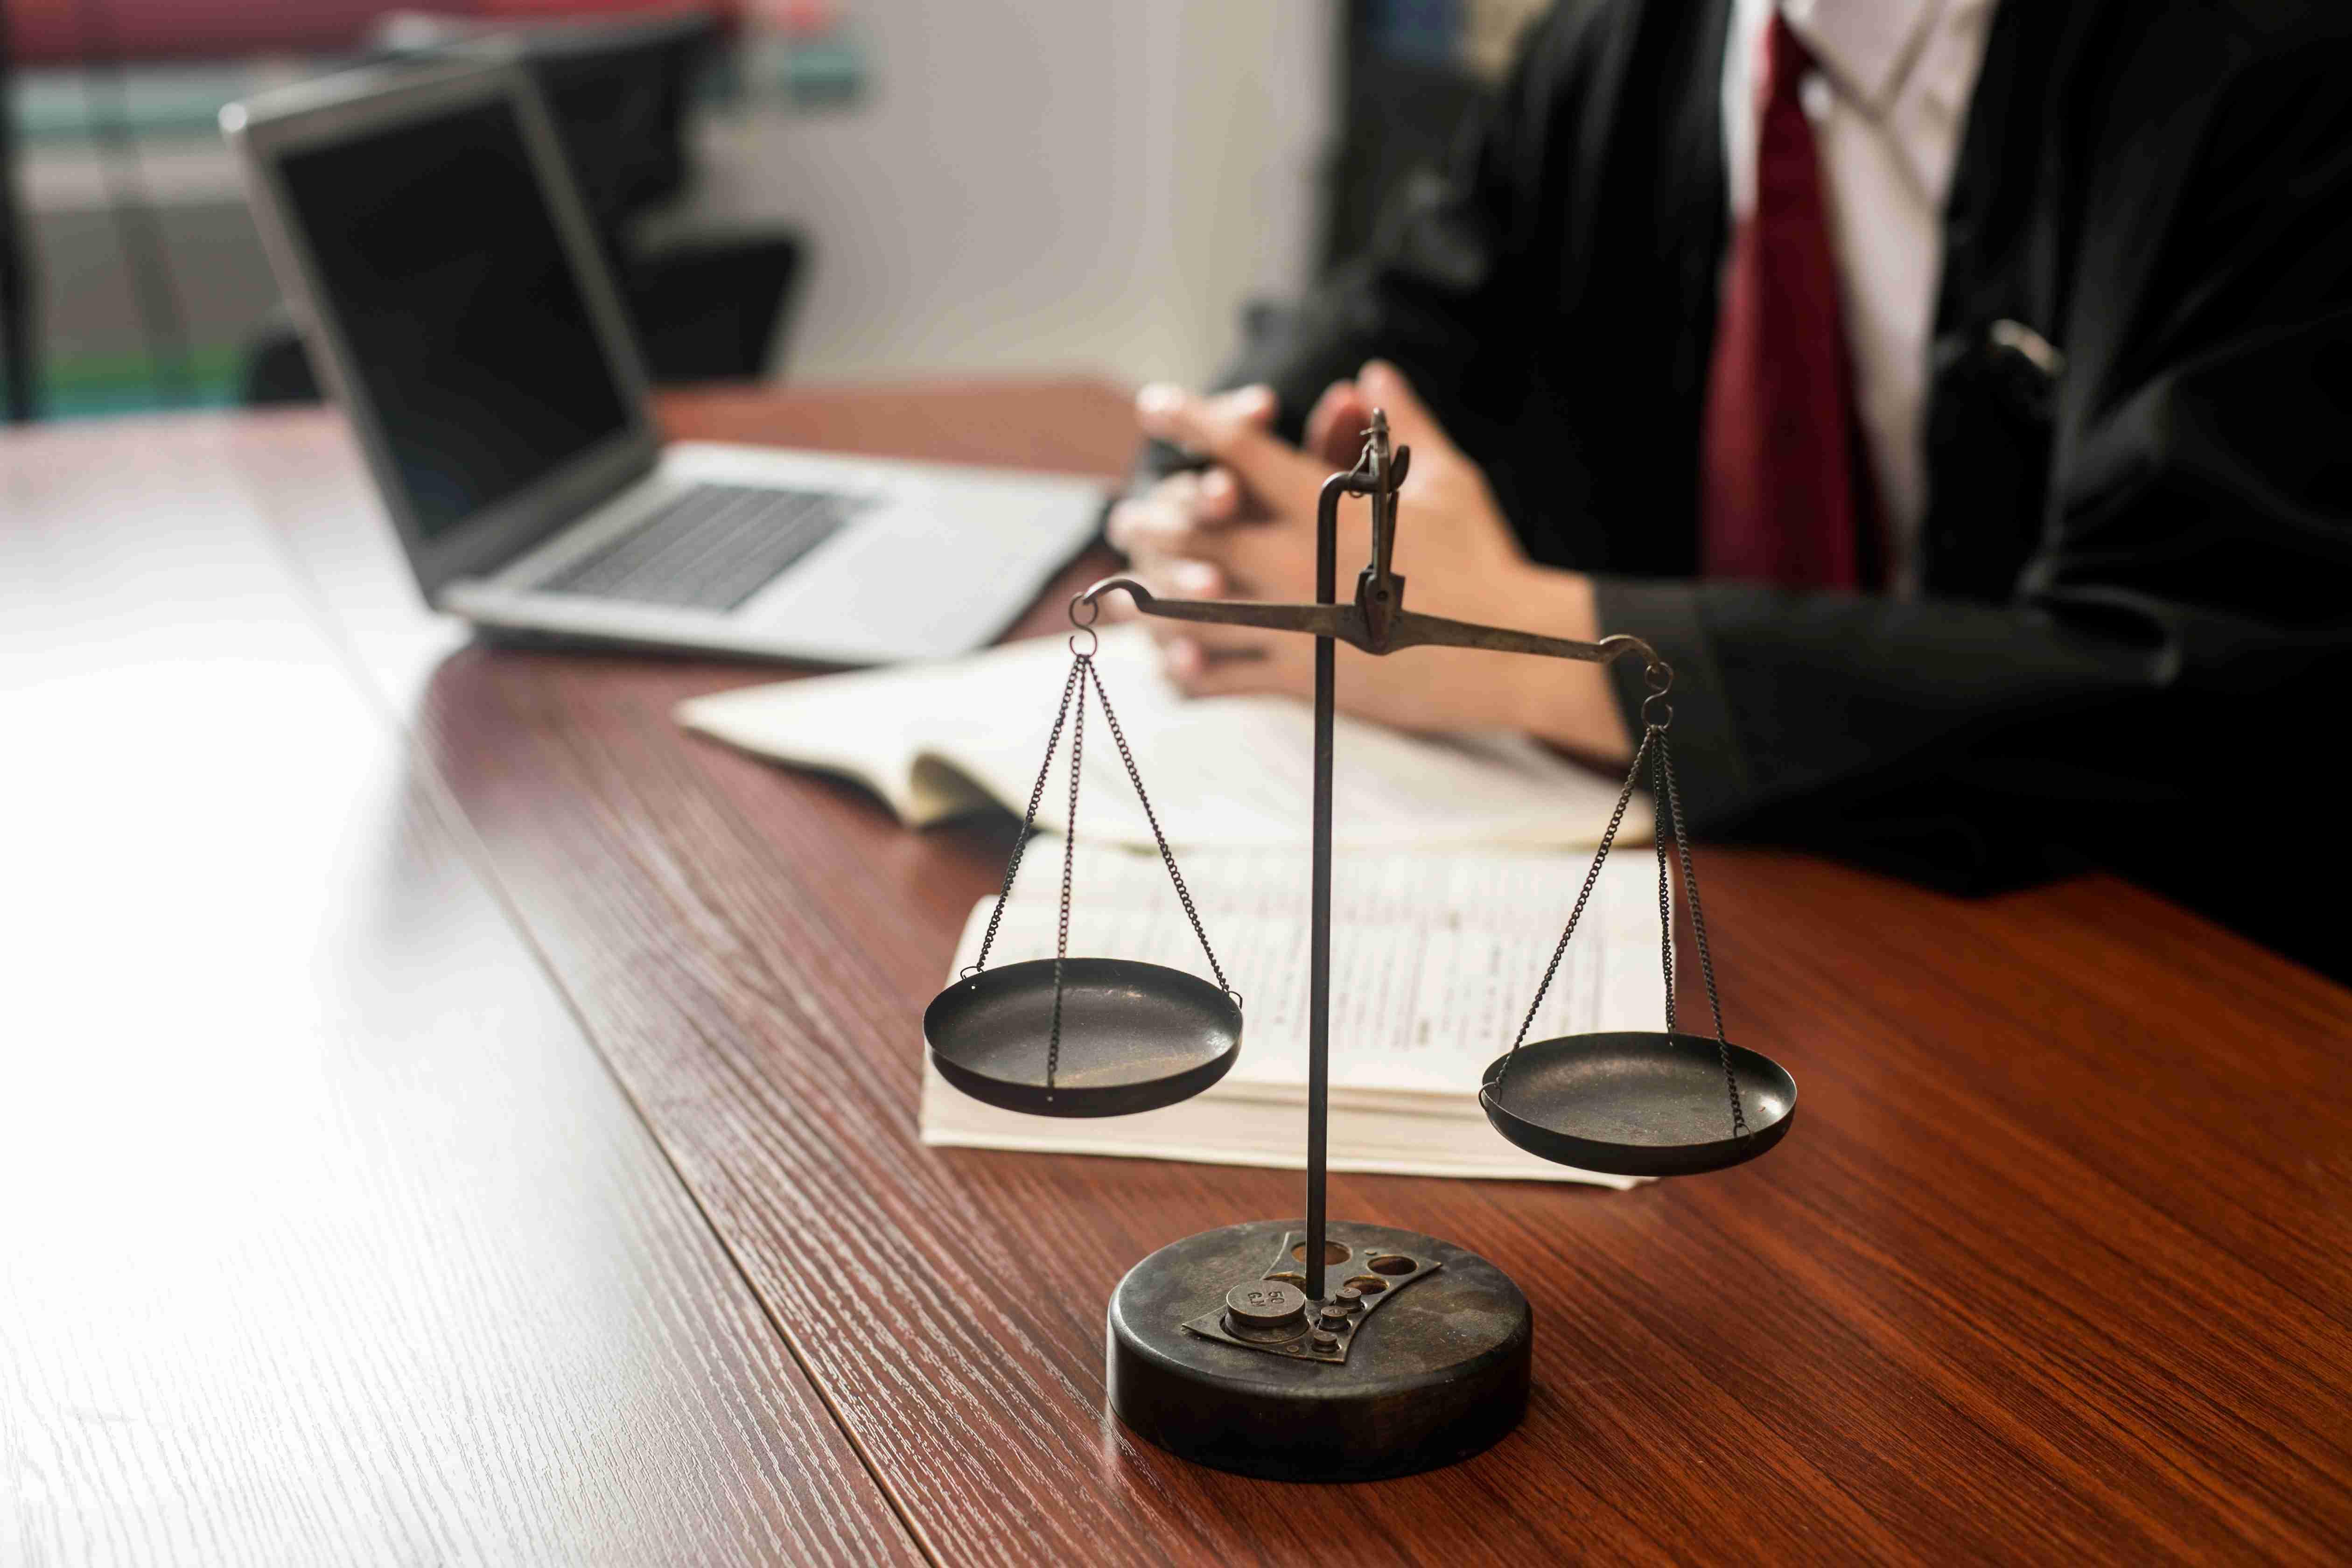 企业收到商标侵权诉讼如何正确应对